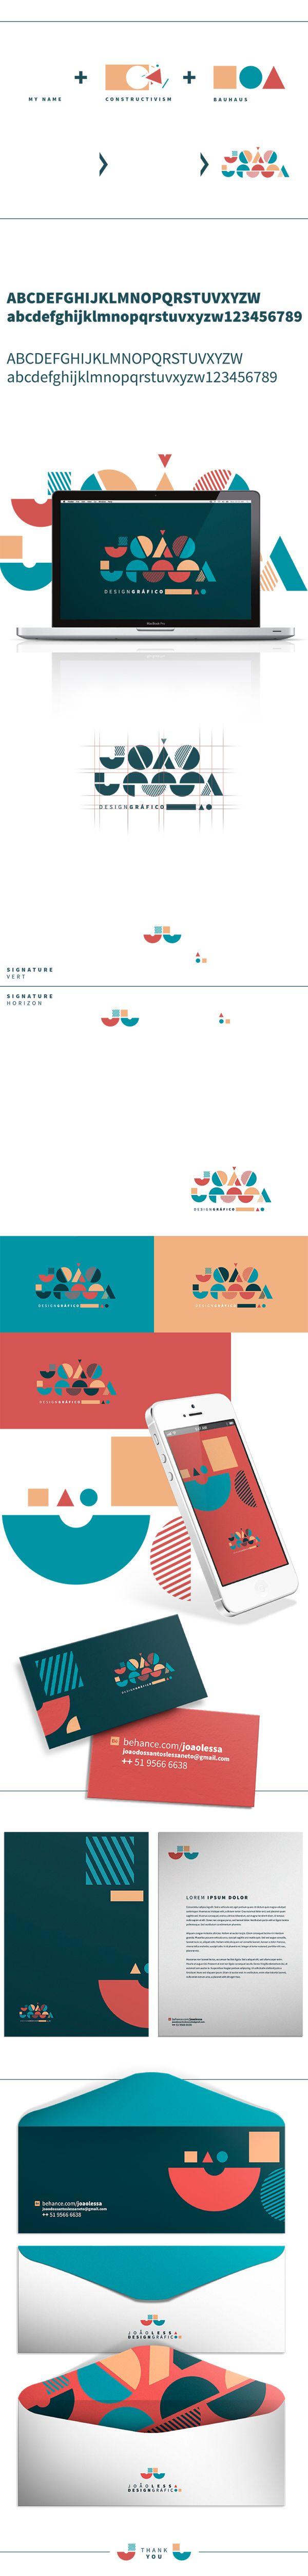 Personal Branding by João Lessa, via Behance